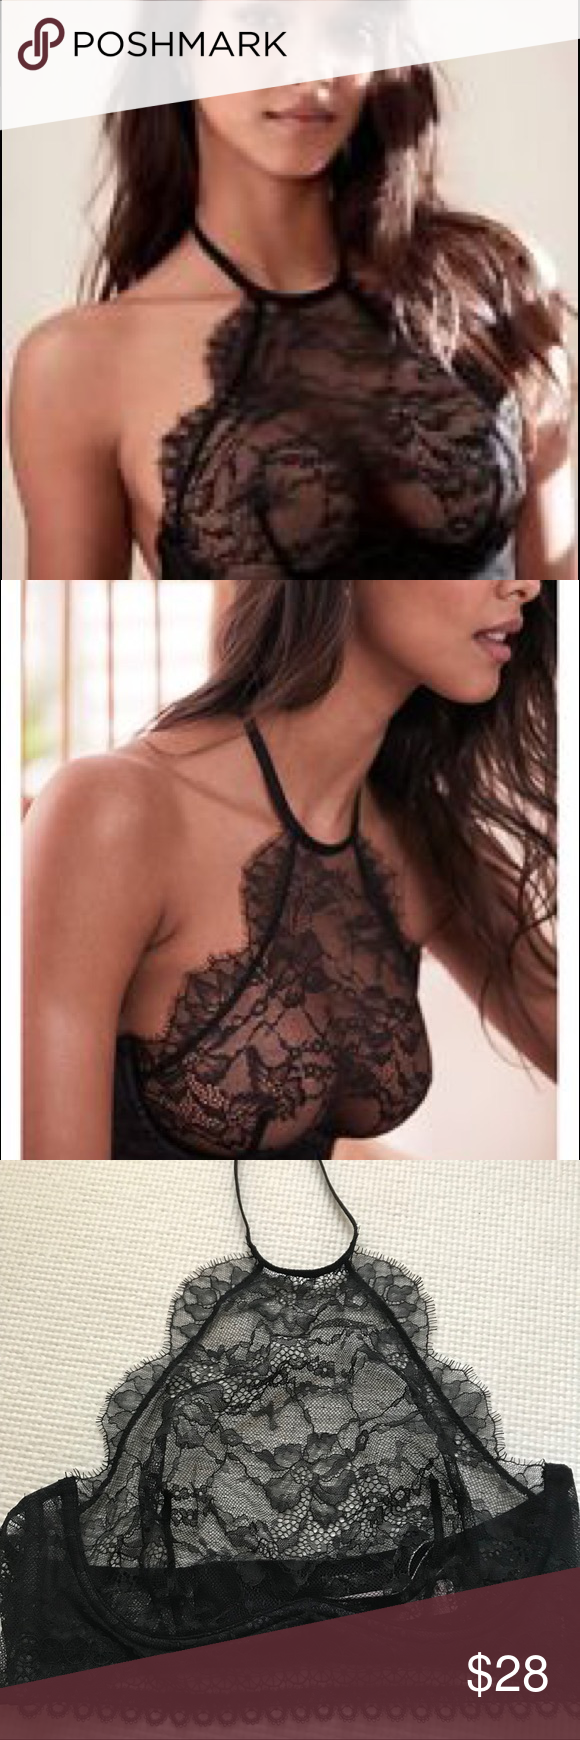 71e43e8db0af7 34C High Neck bralette by Victoria s Secret 34C size high neck lace unlined  demi bra by Victoria s Secret. Underwire cups. Adjustable straps